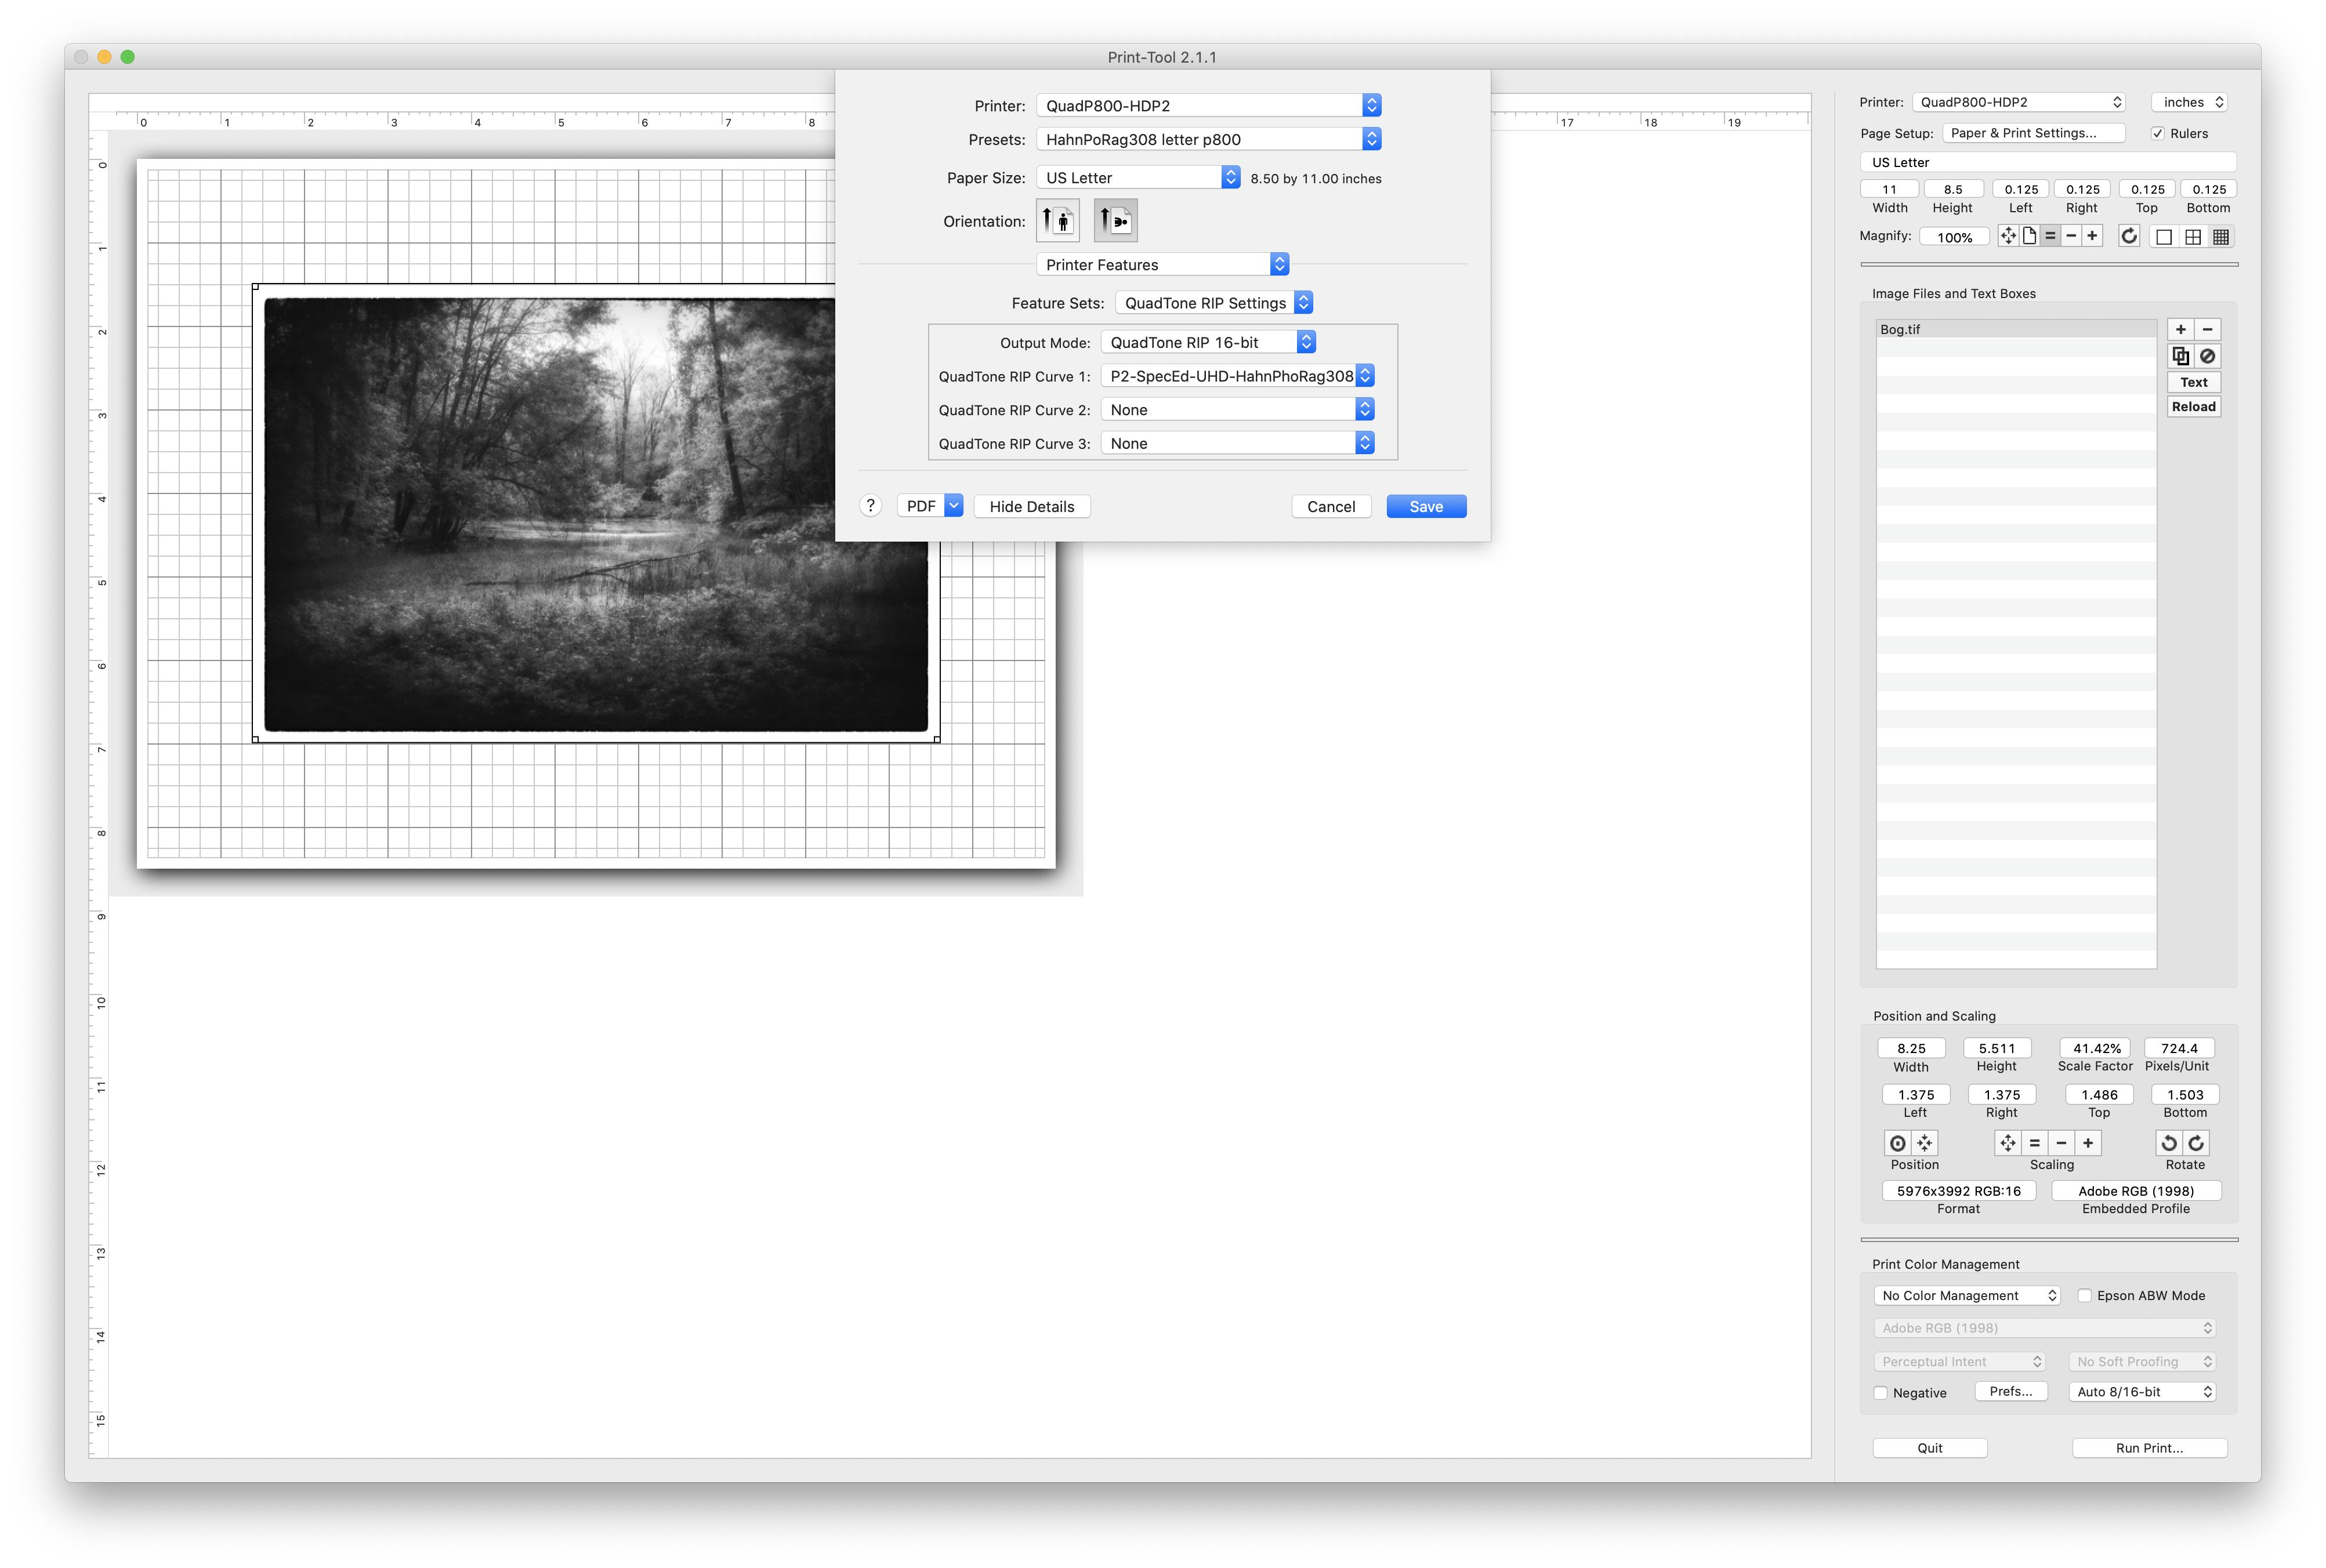 Screen Shot 2020-08-10 at 6.59.38 PM